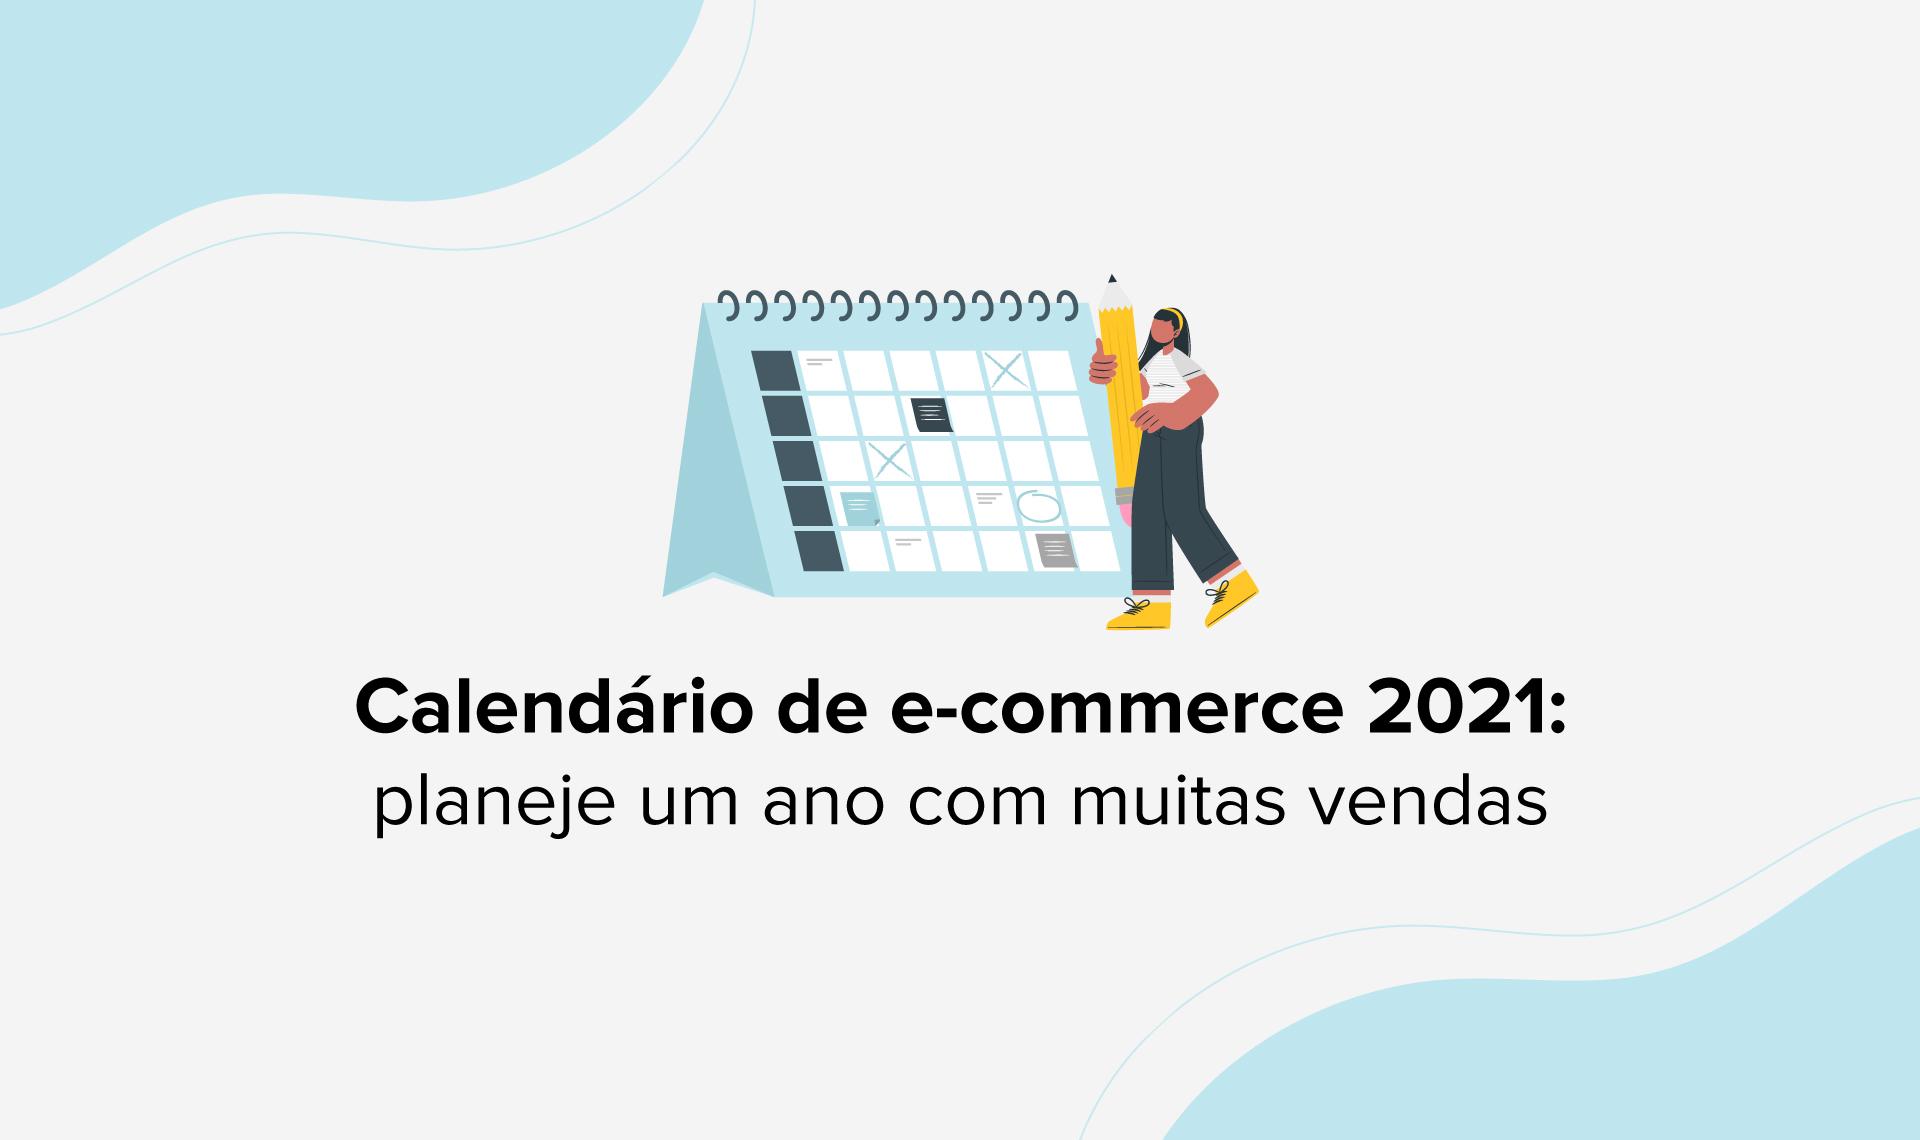 Calendário de e-commerce